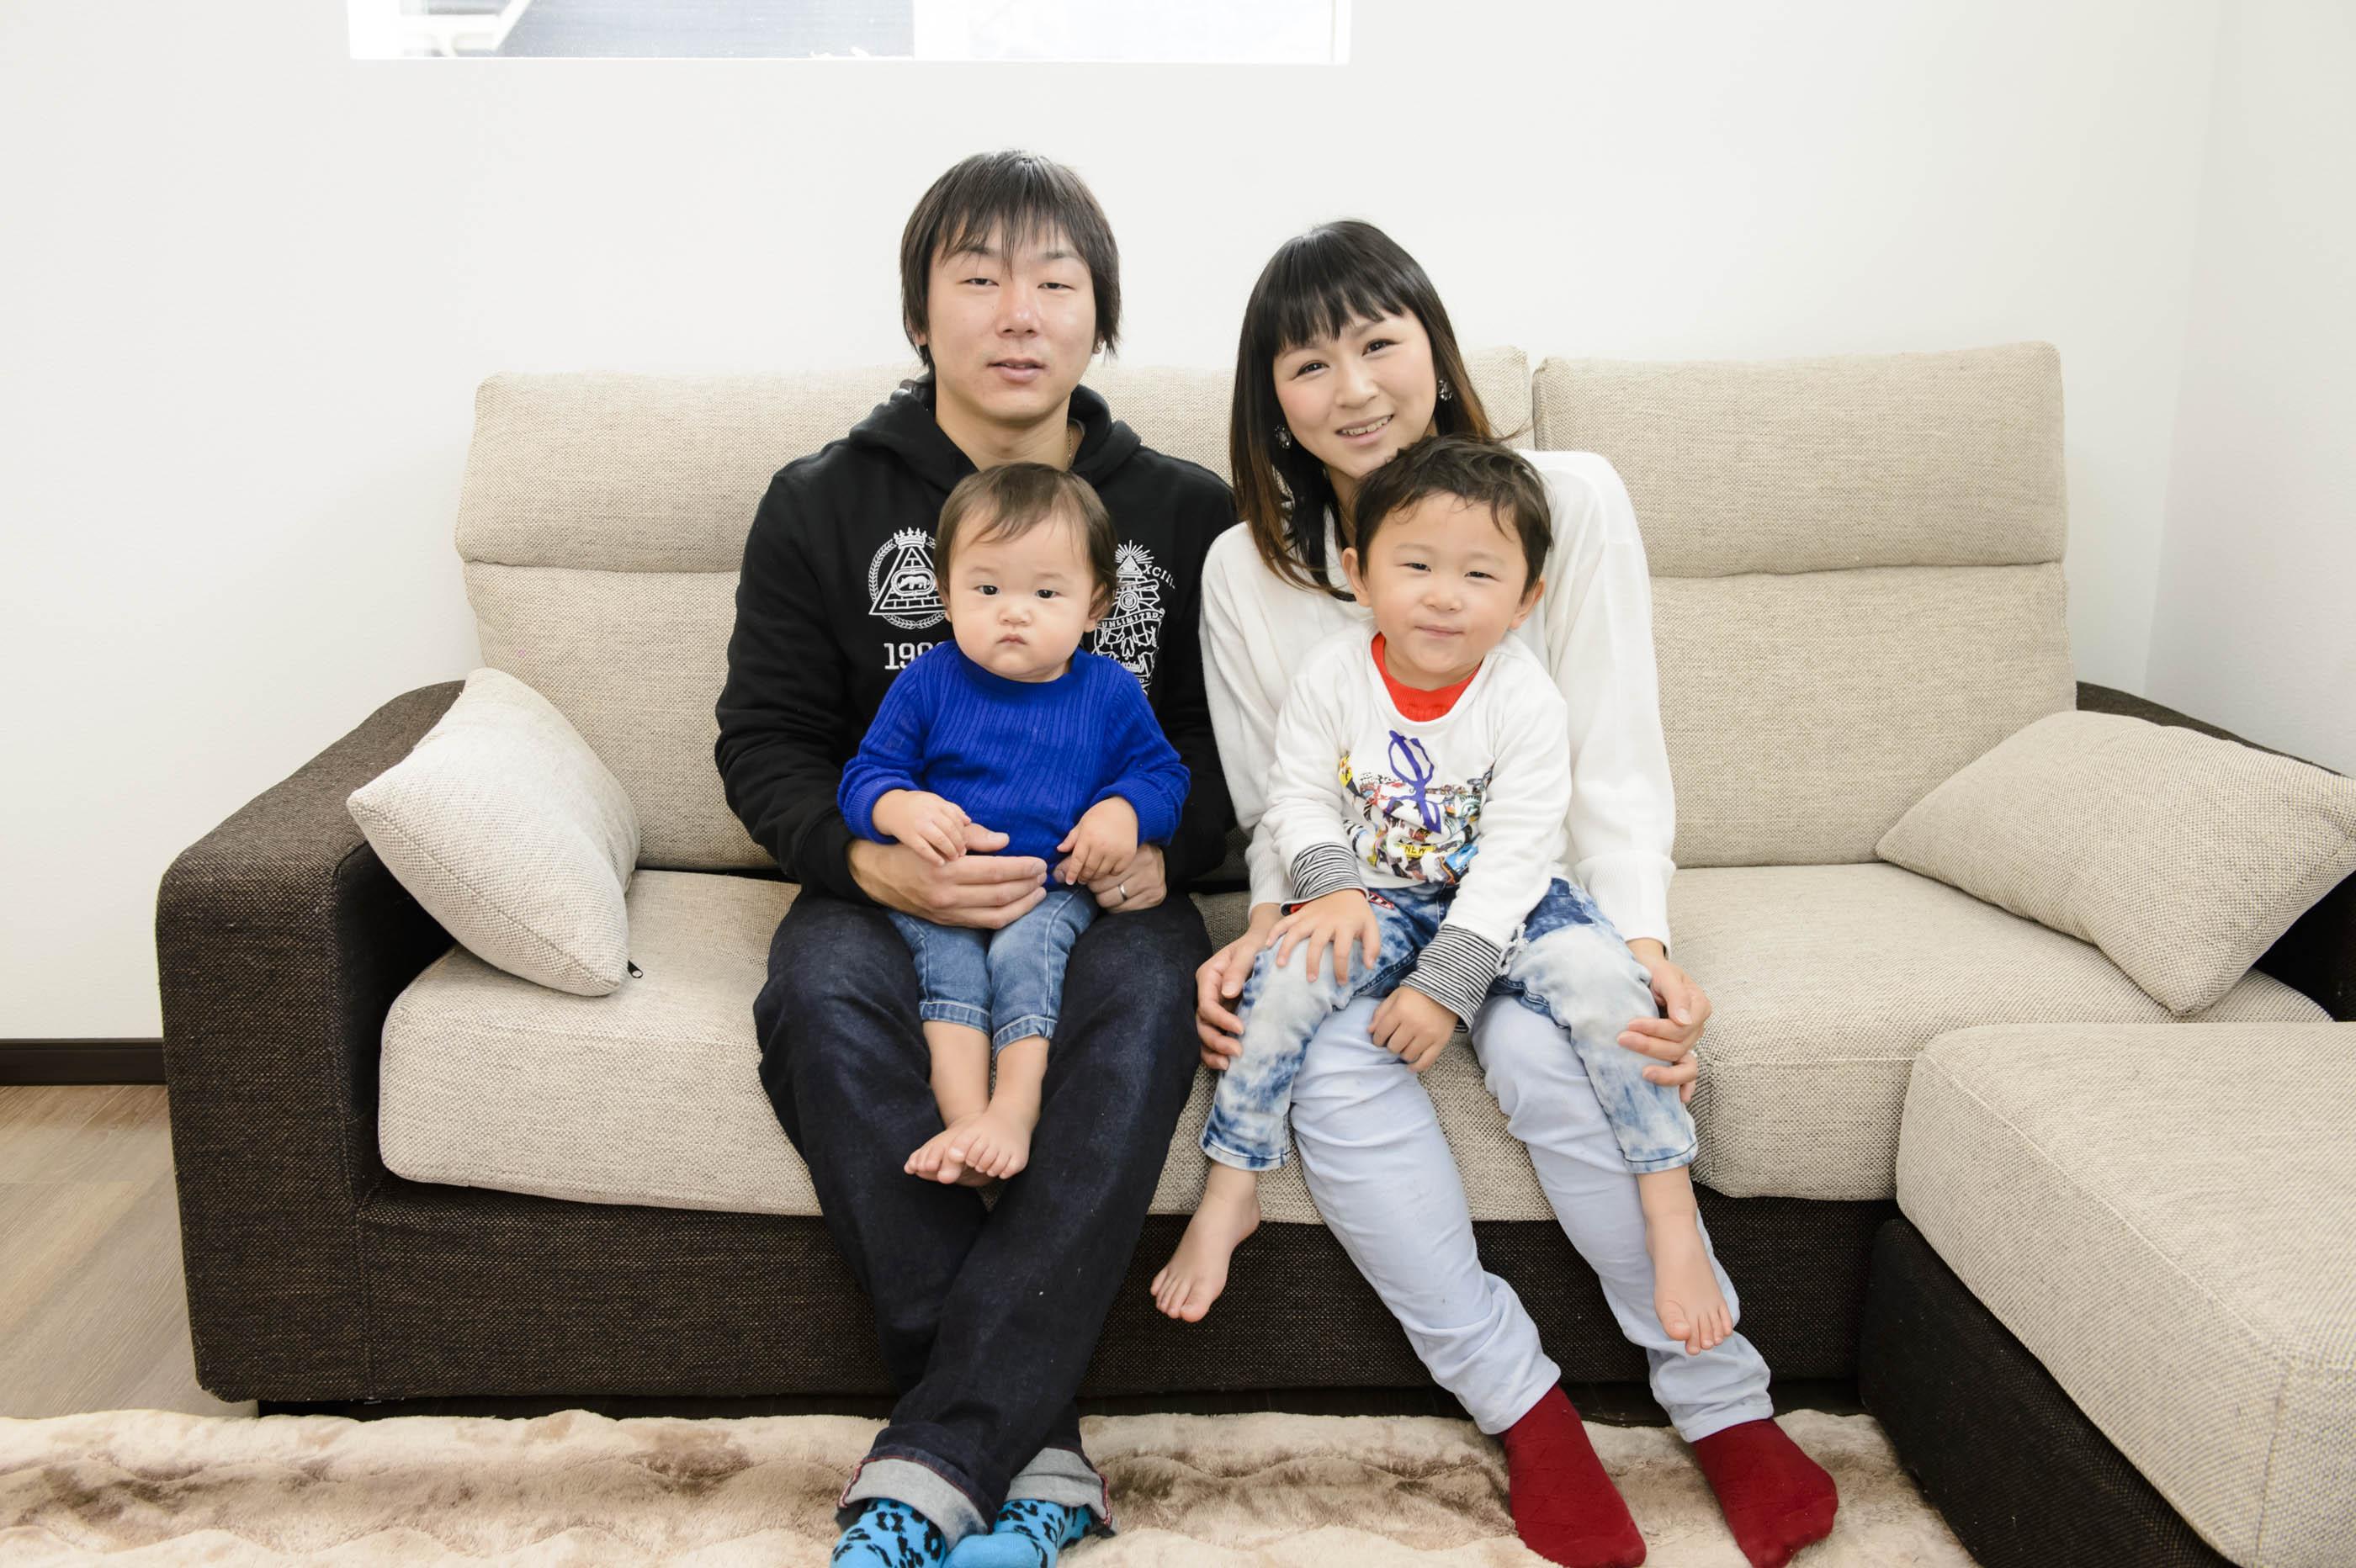 徳島市の実例・家族みんなが気兼ねせずに生活できる家